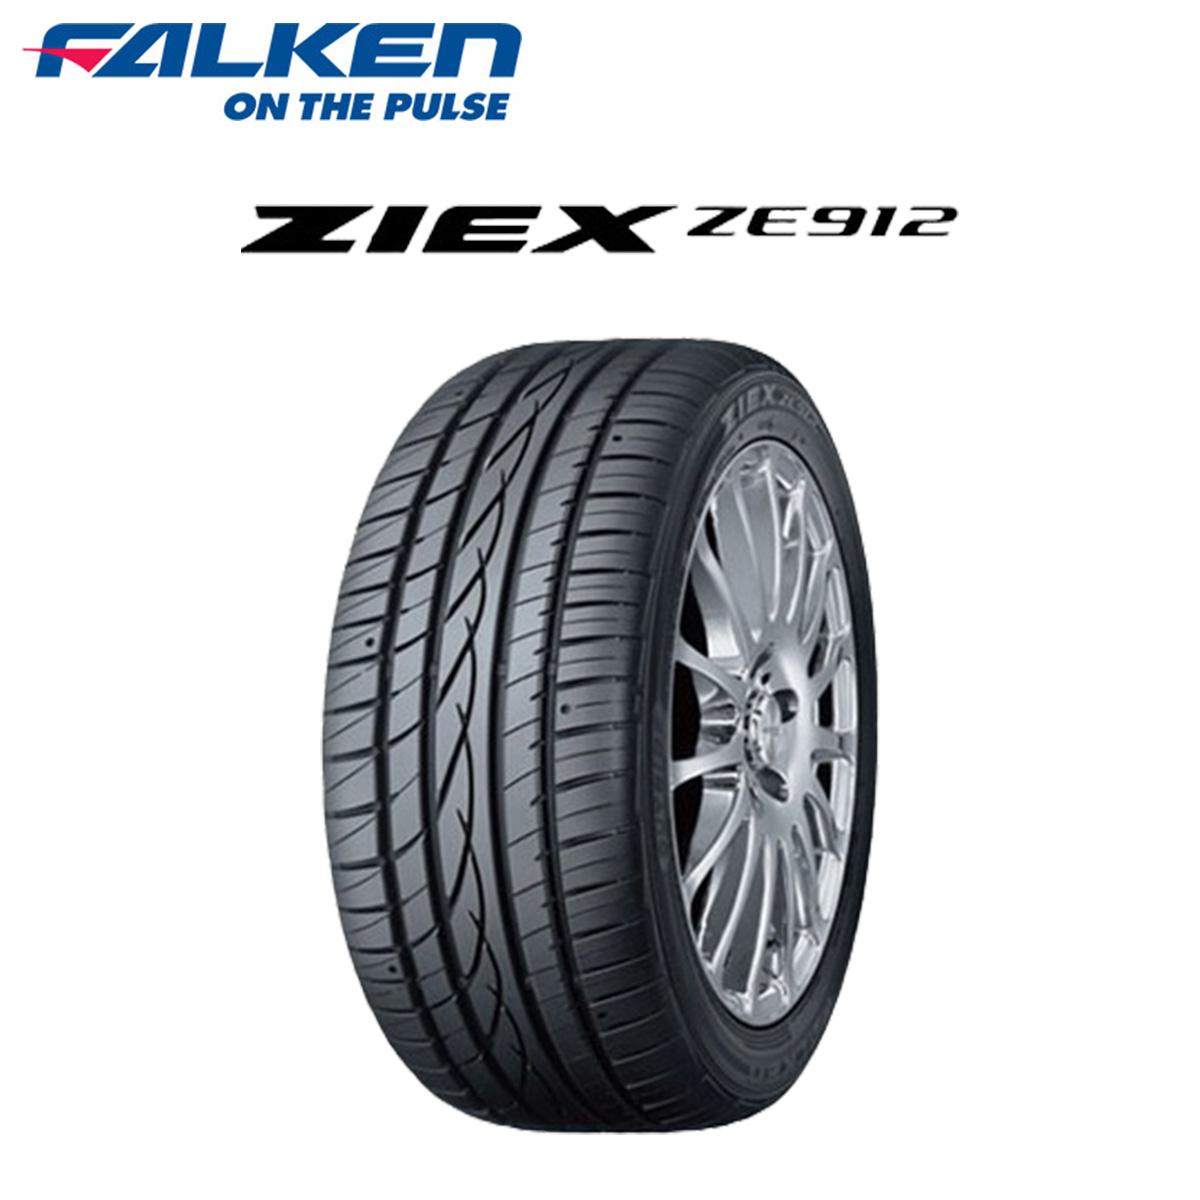 FALKEN ファルケン 低燃費 サマータイヤ 4本 セット 13インチ 155/65R13 ZIEX ZE912 ジークス